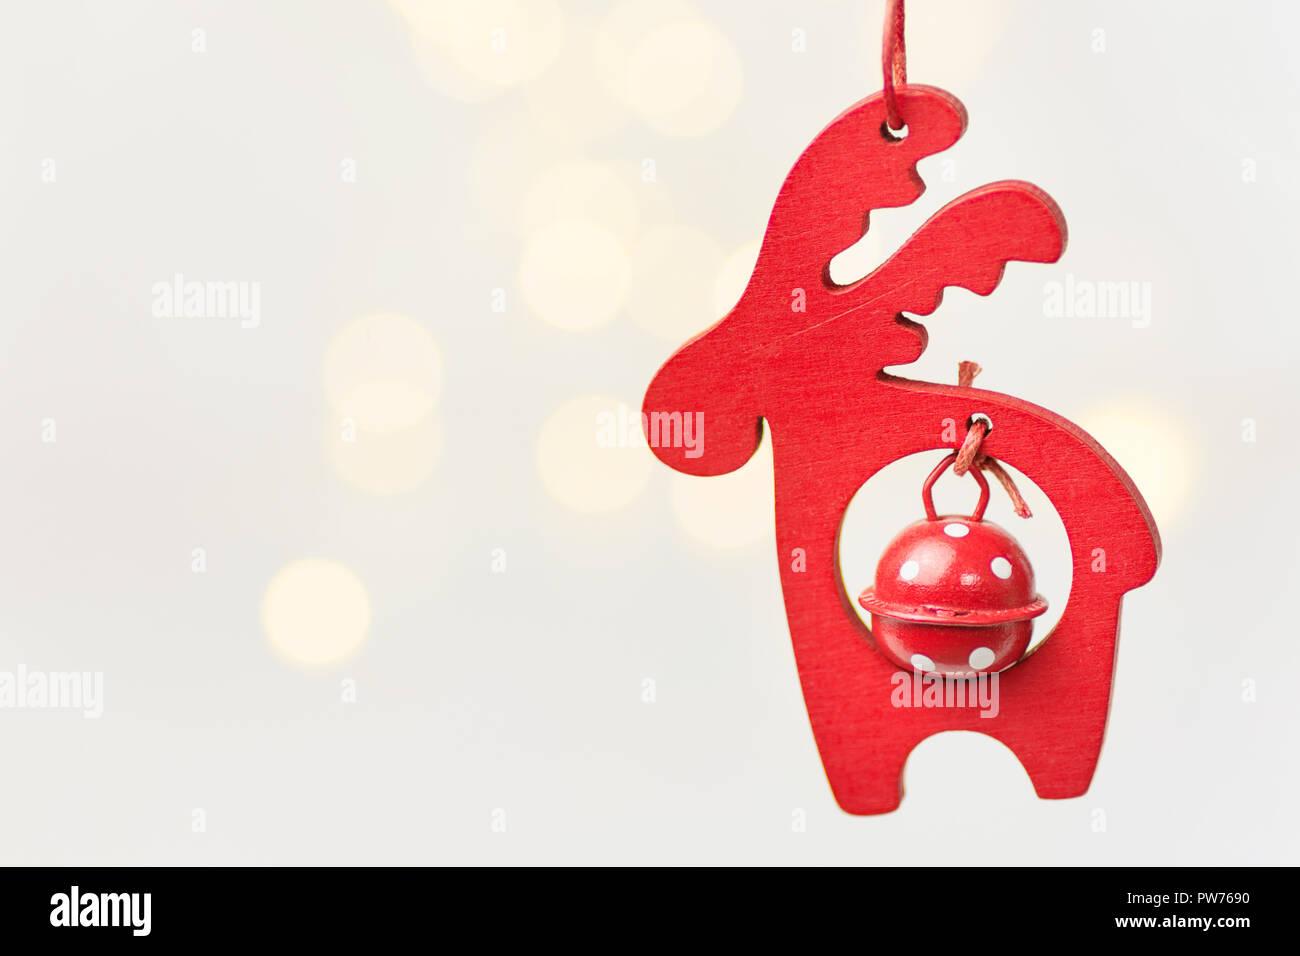 Ornamento de Navidad de madera ciervo con bell colgando sobre fondo blanco con guirnalda de oro bokeh luces. Colores pastel. Magic ambiente de vacaciones. Cl Imagen De Stock